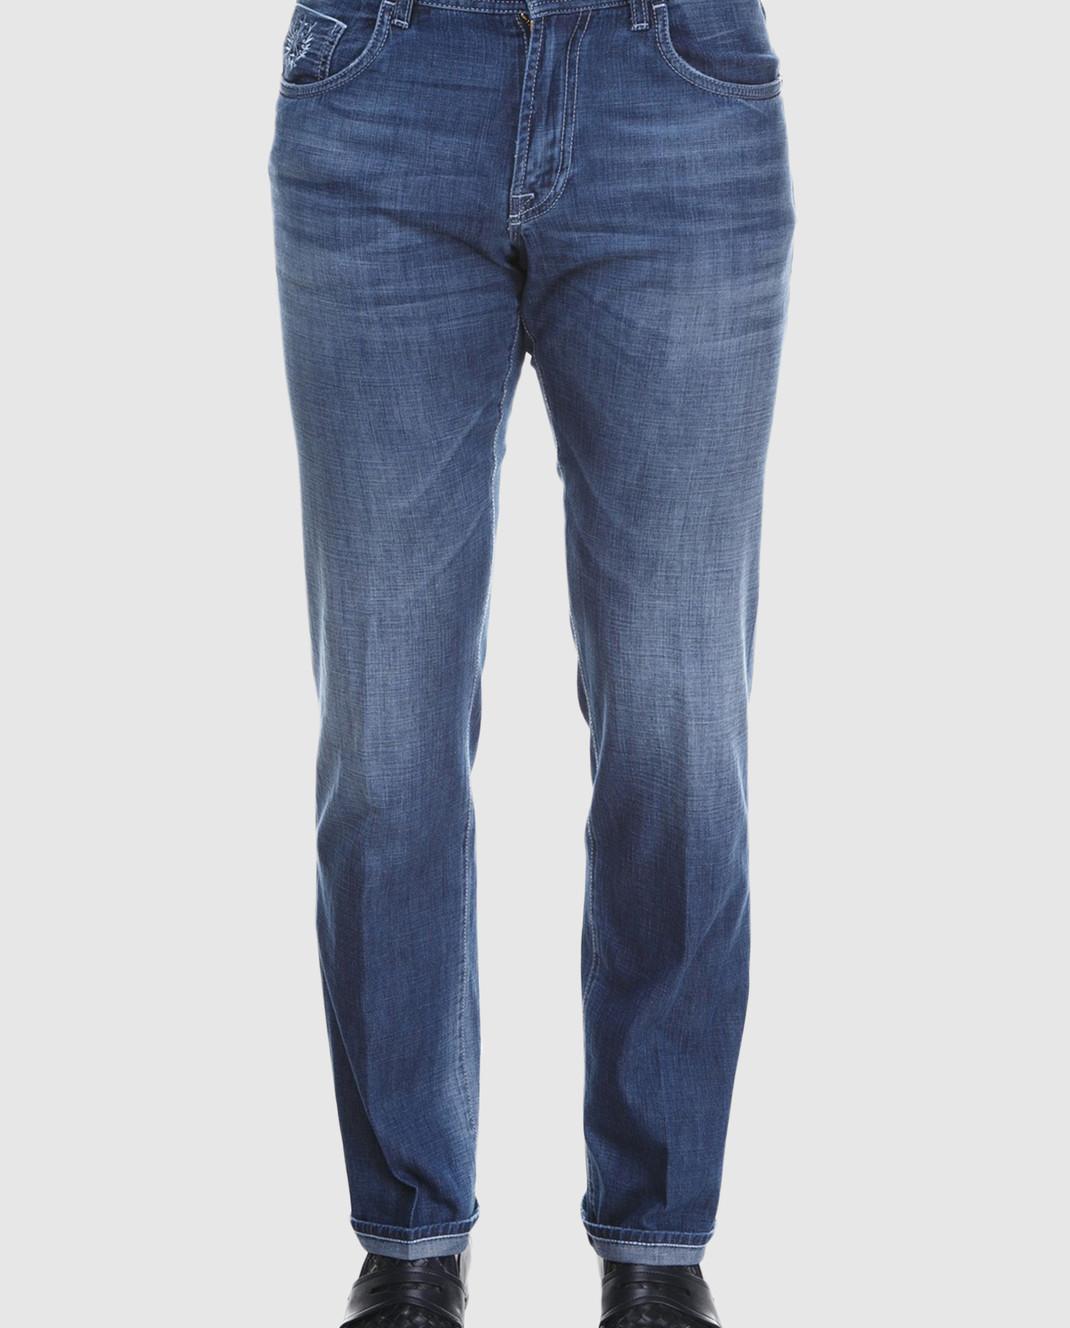 Scissor Scriptor Синие джинсы TIBERIOT68 изображение 4